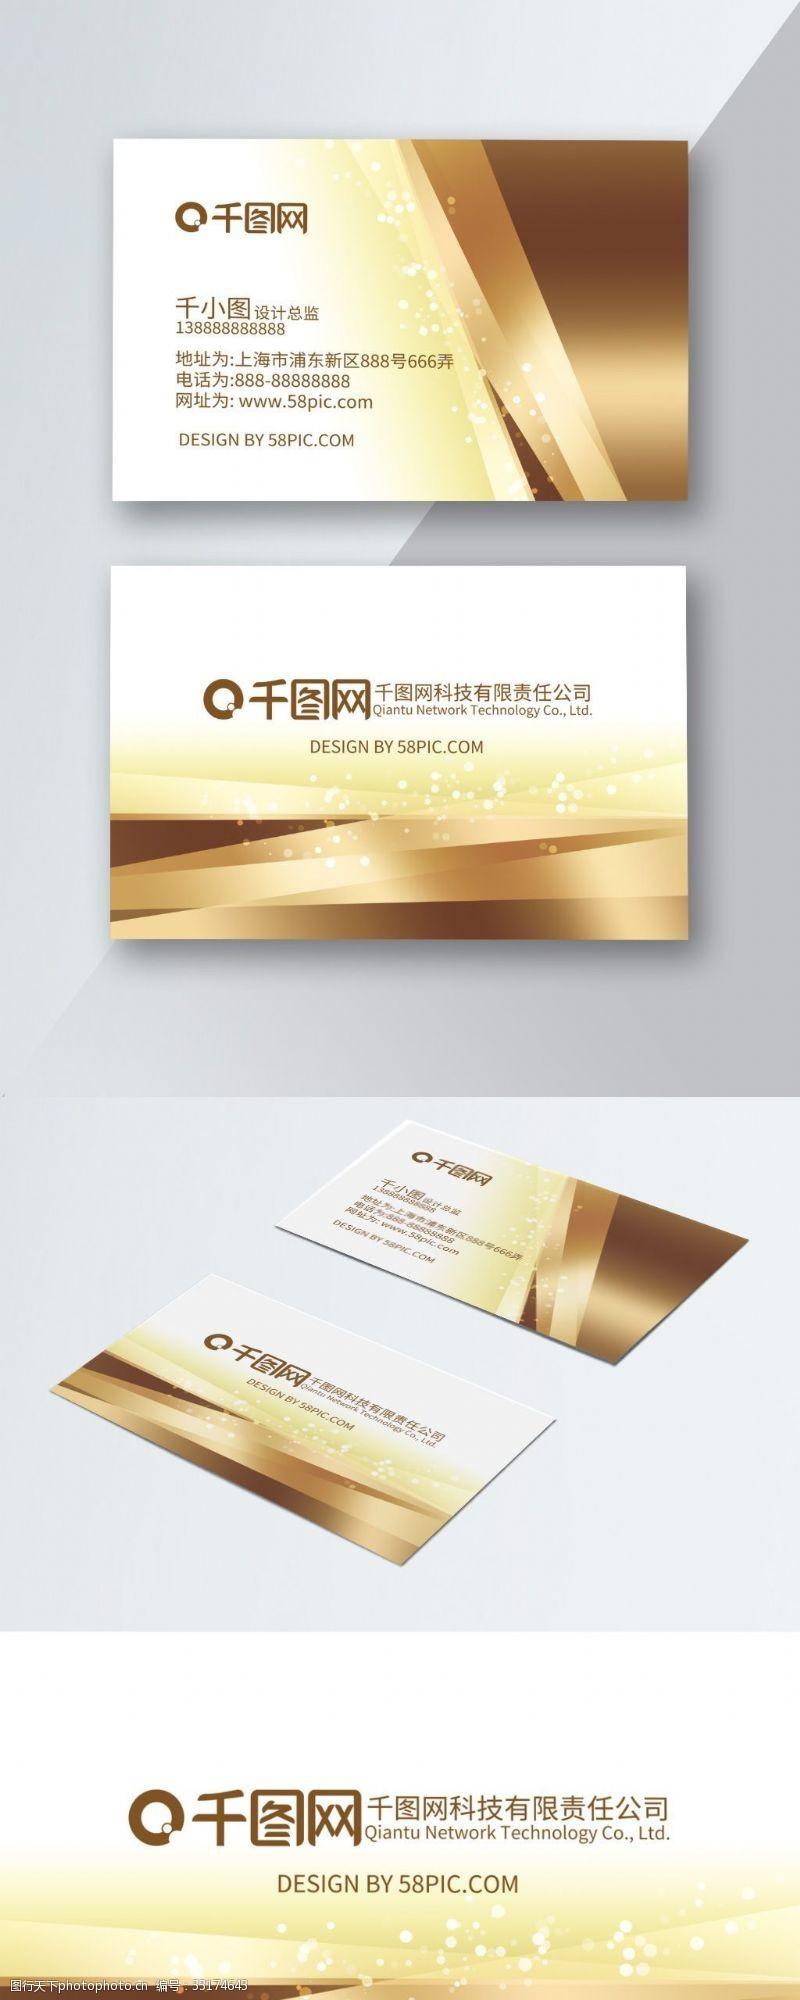 科技网络名片金色商业名片设计